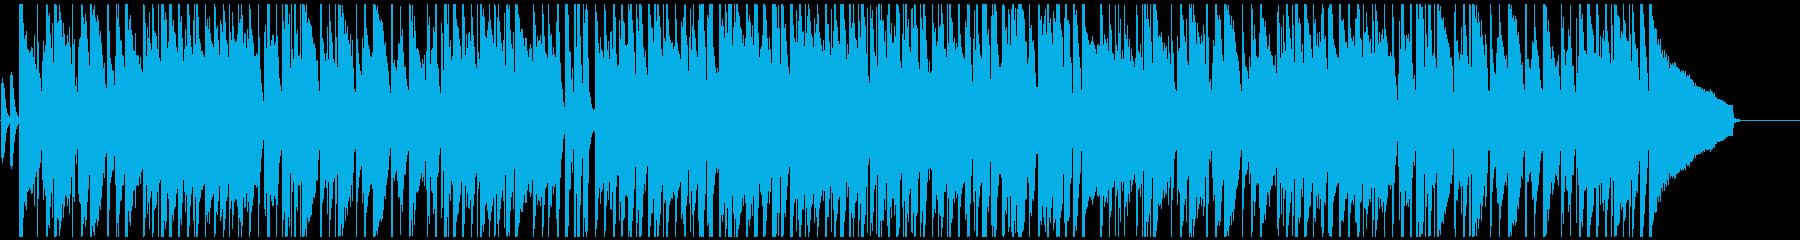 CMのような哀愁感漂う切ないジャズの再生済みの波形